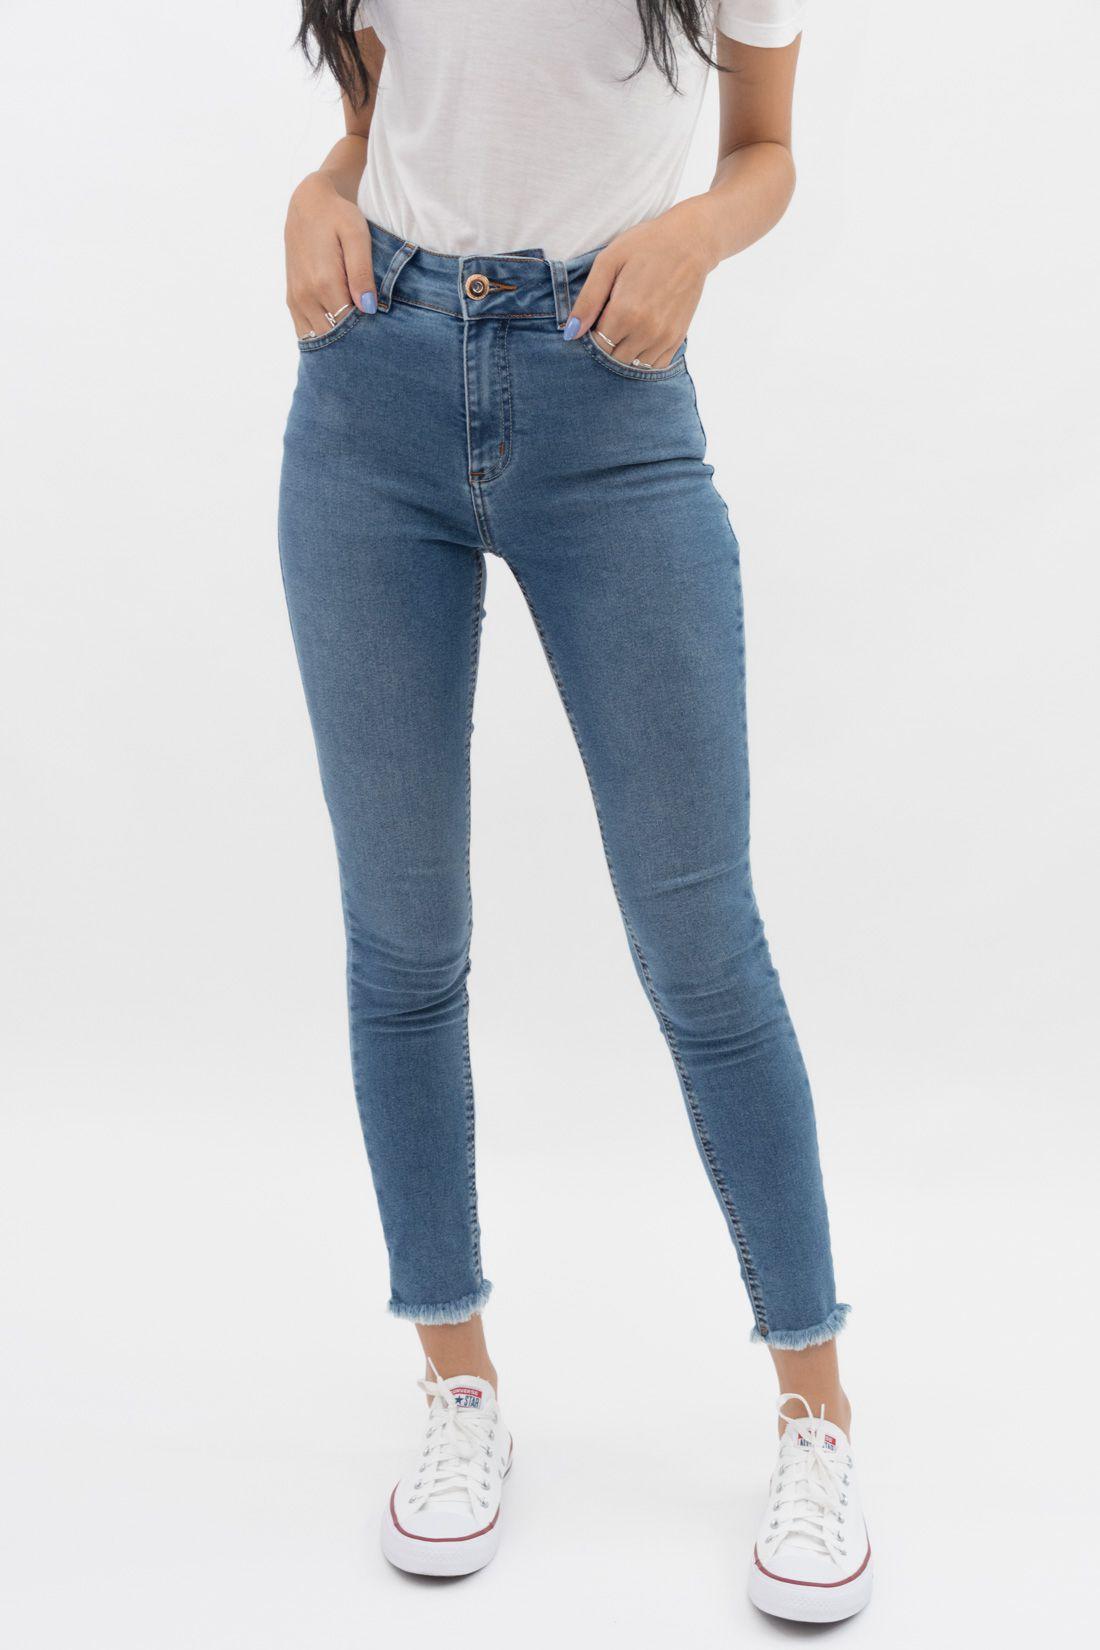 Calca Jeans Colcci Barra Desfiada